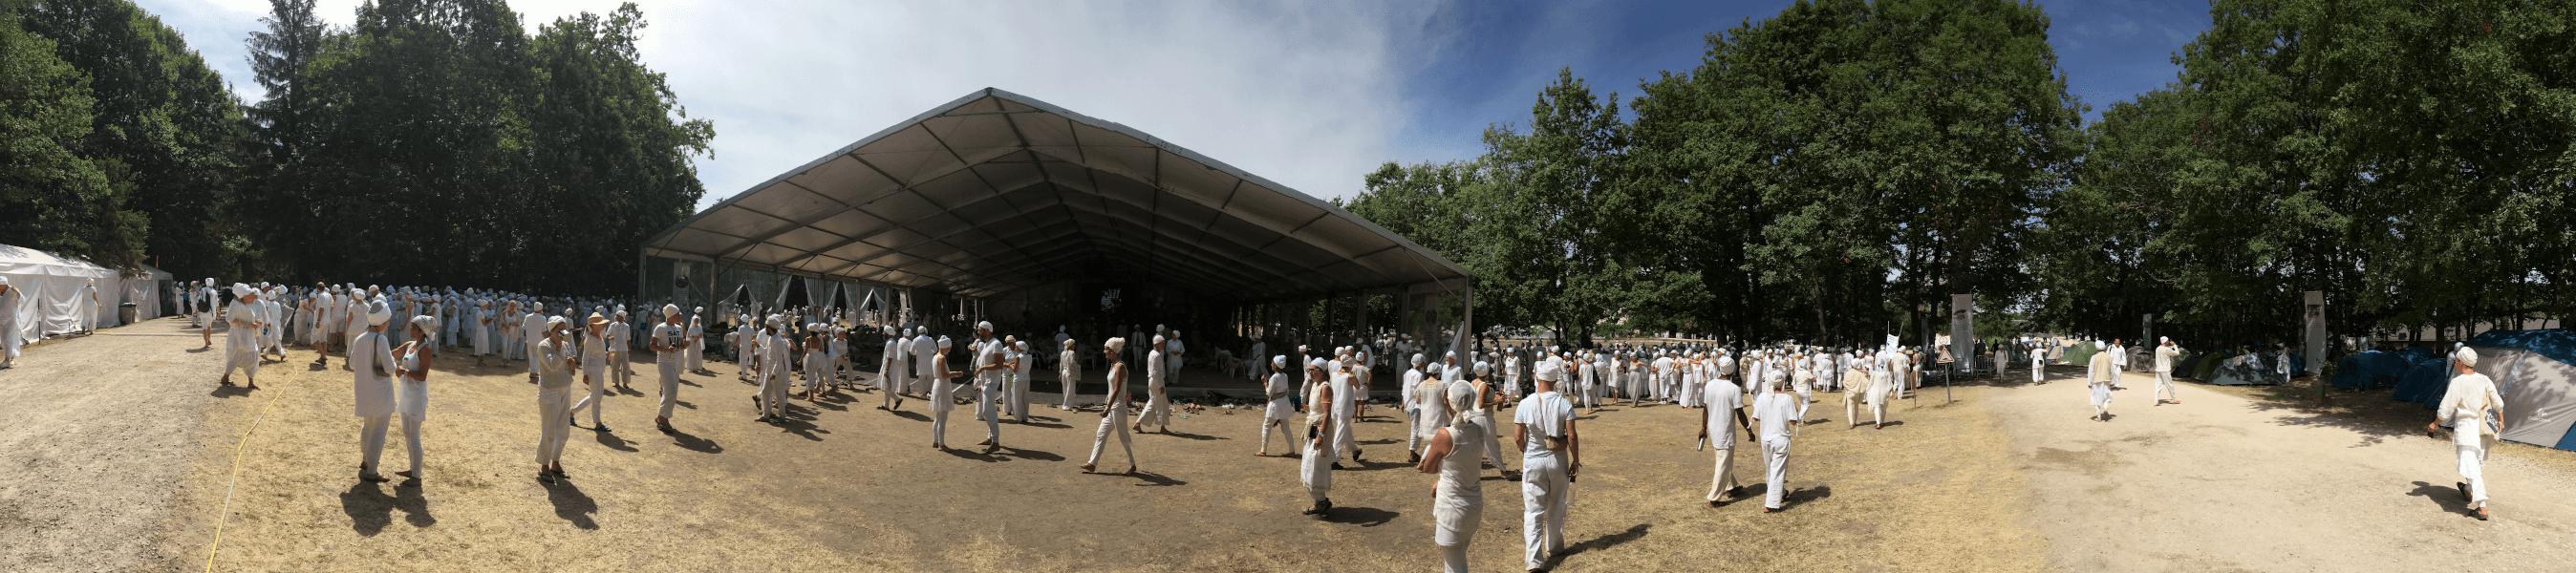 La sortie du Tantra Blanc au 3HO festival près de Blois